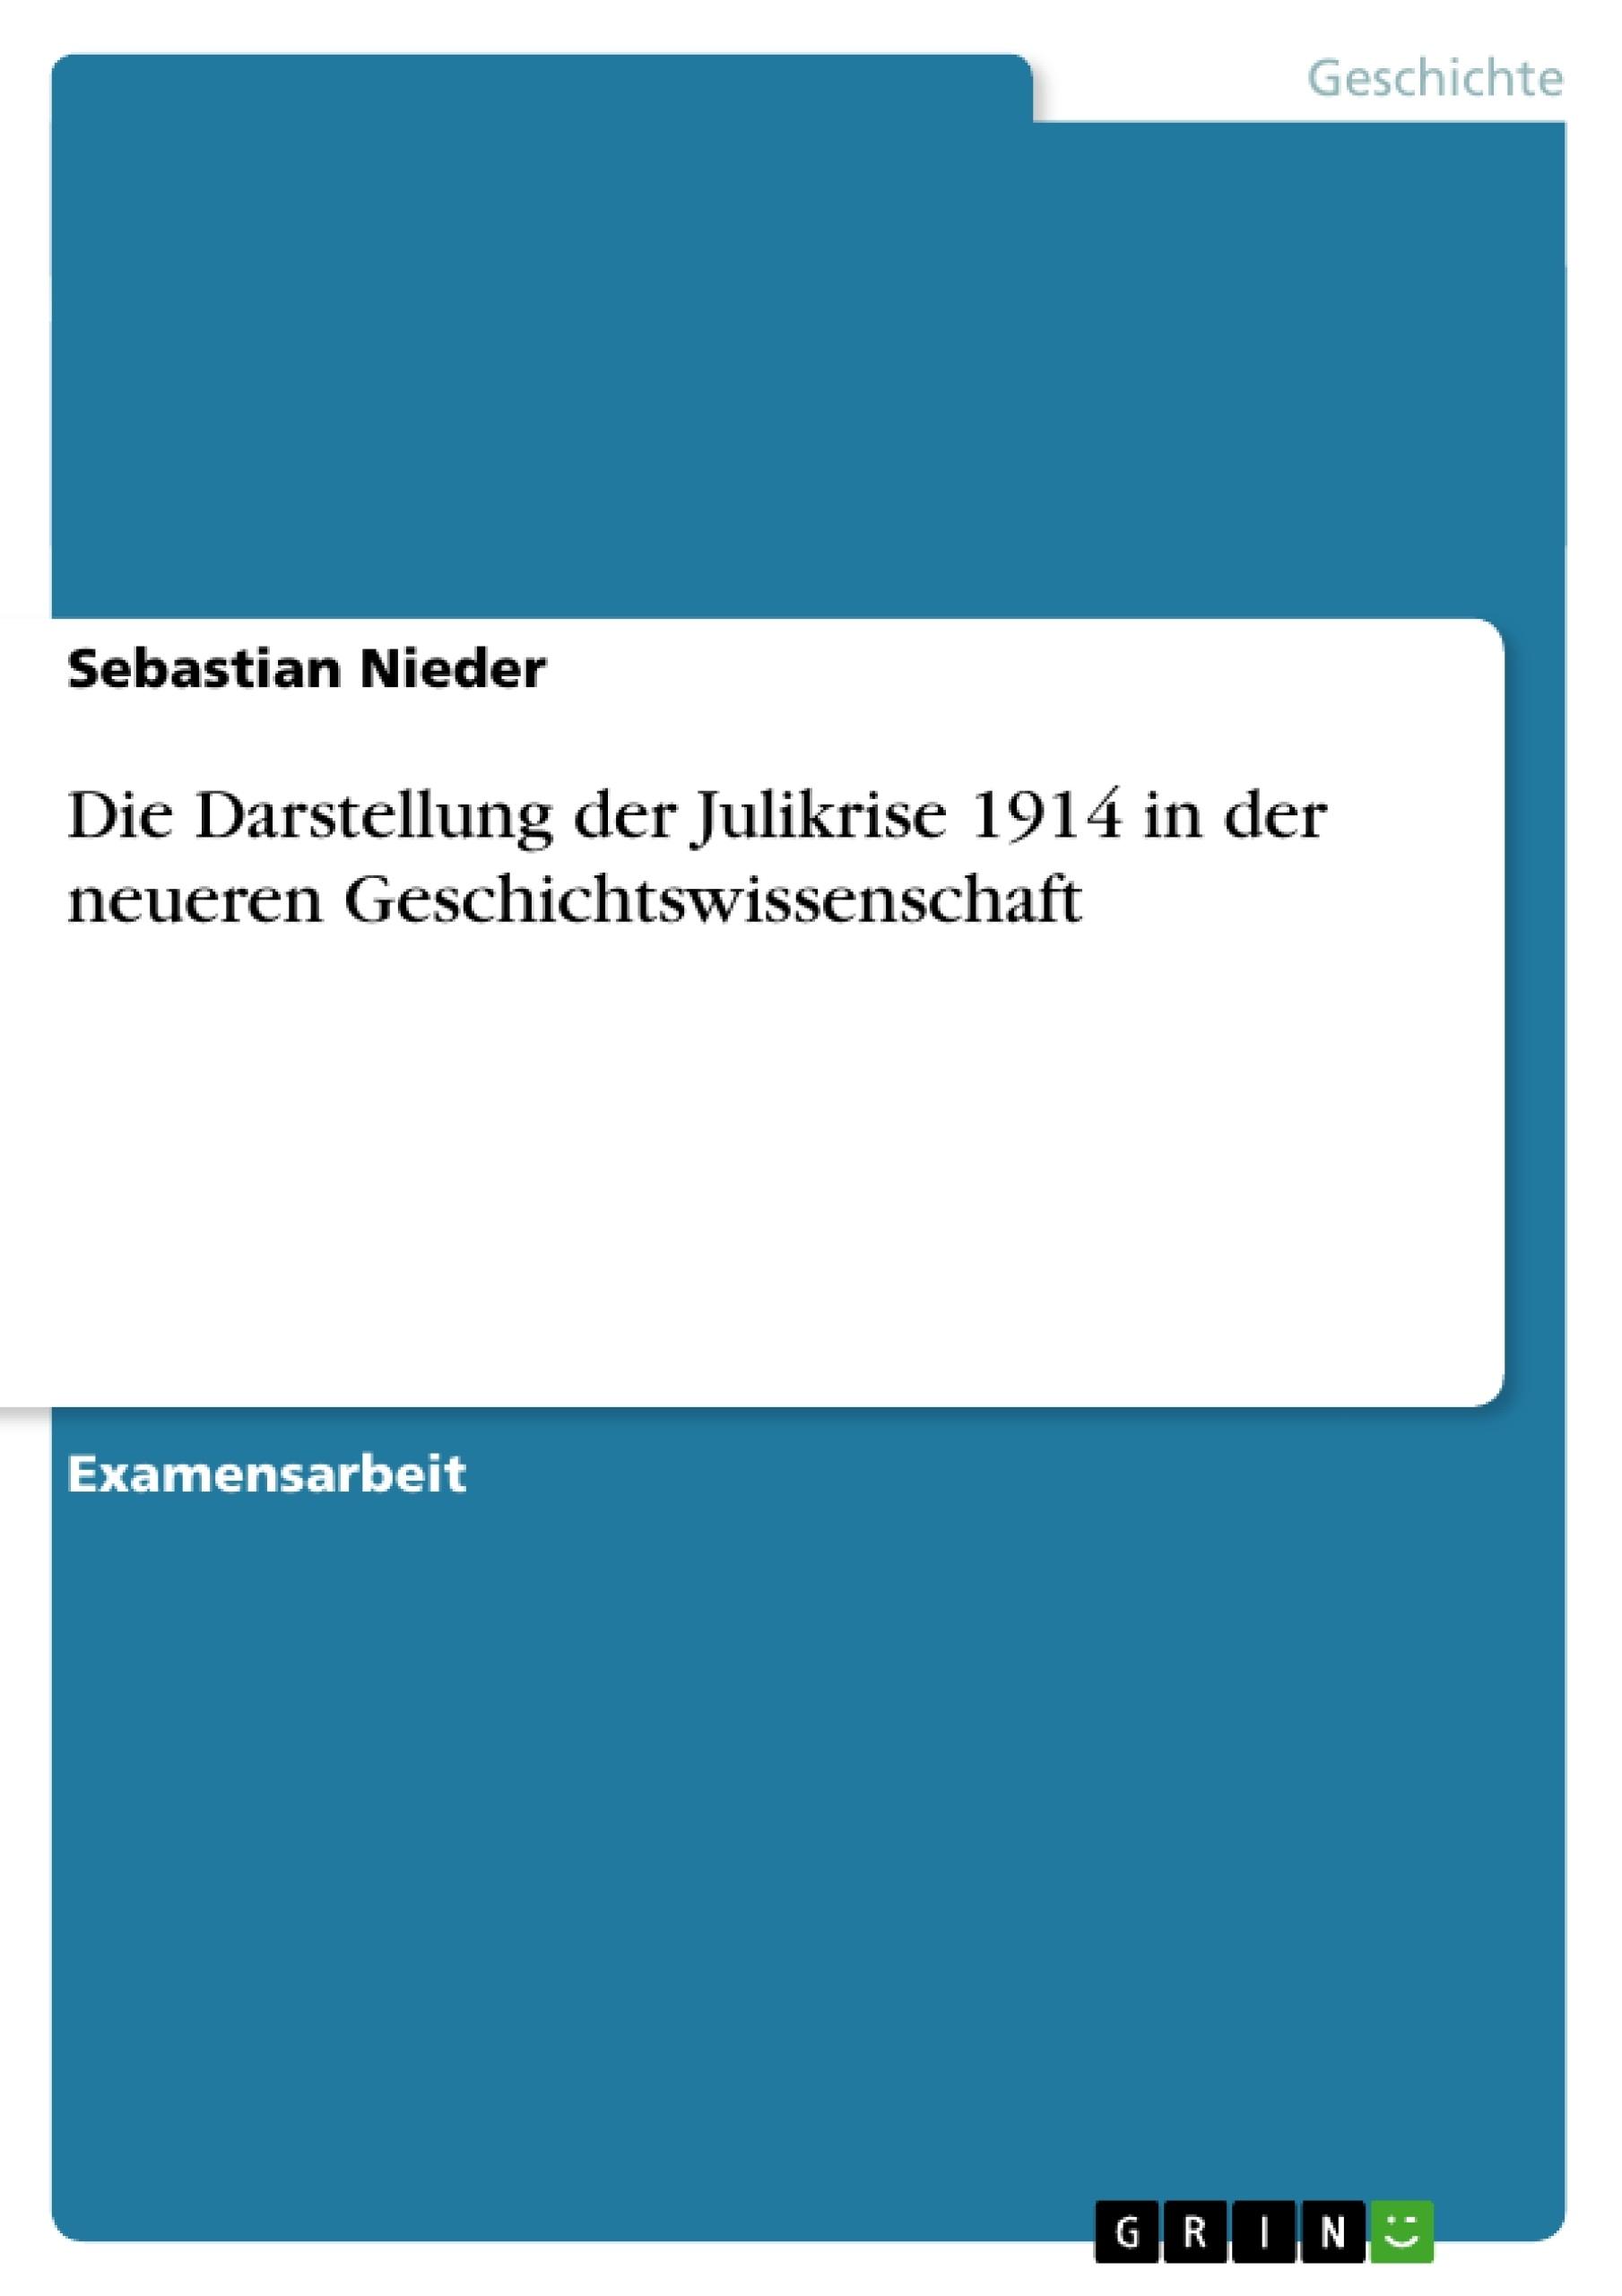 Titel: Die Darstellung der Julikrise 1914 in der neueren Geschichtswissenschaft